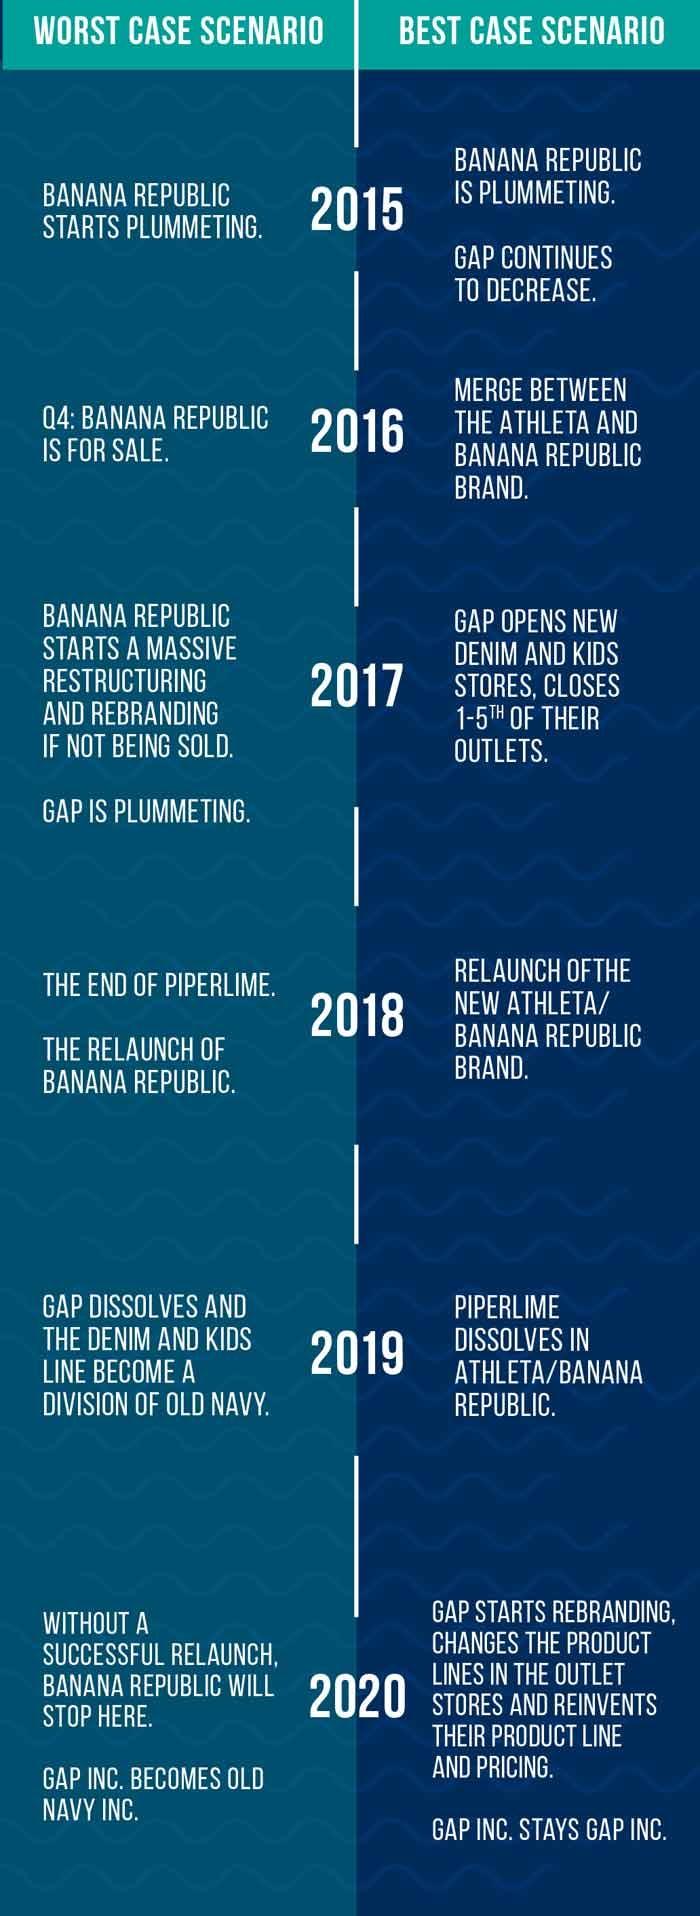 Kan Gap het imago 'basic' merk nog van zich afschudden?